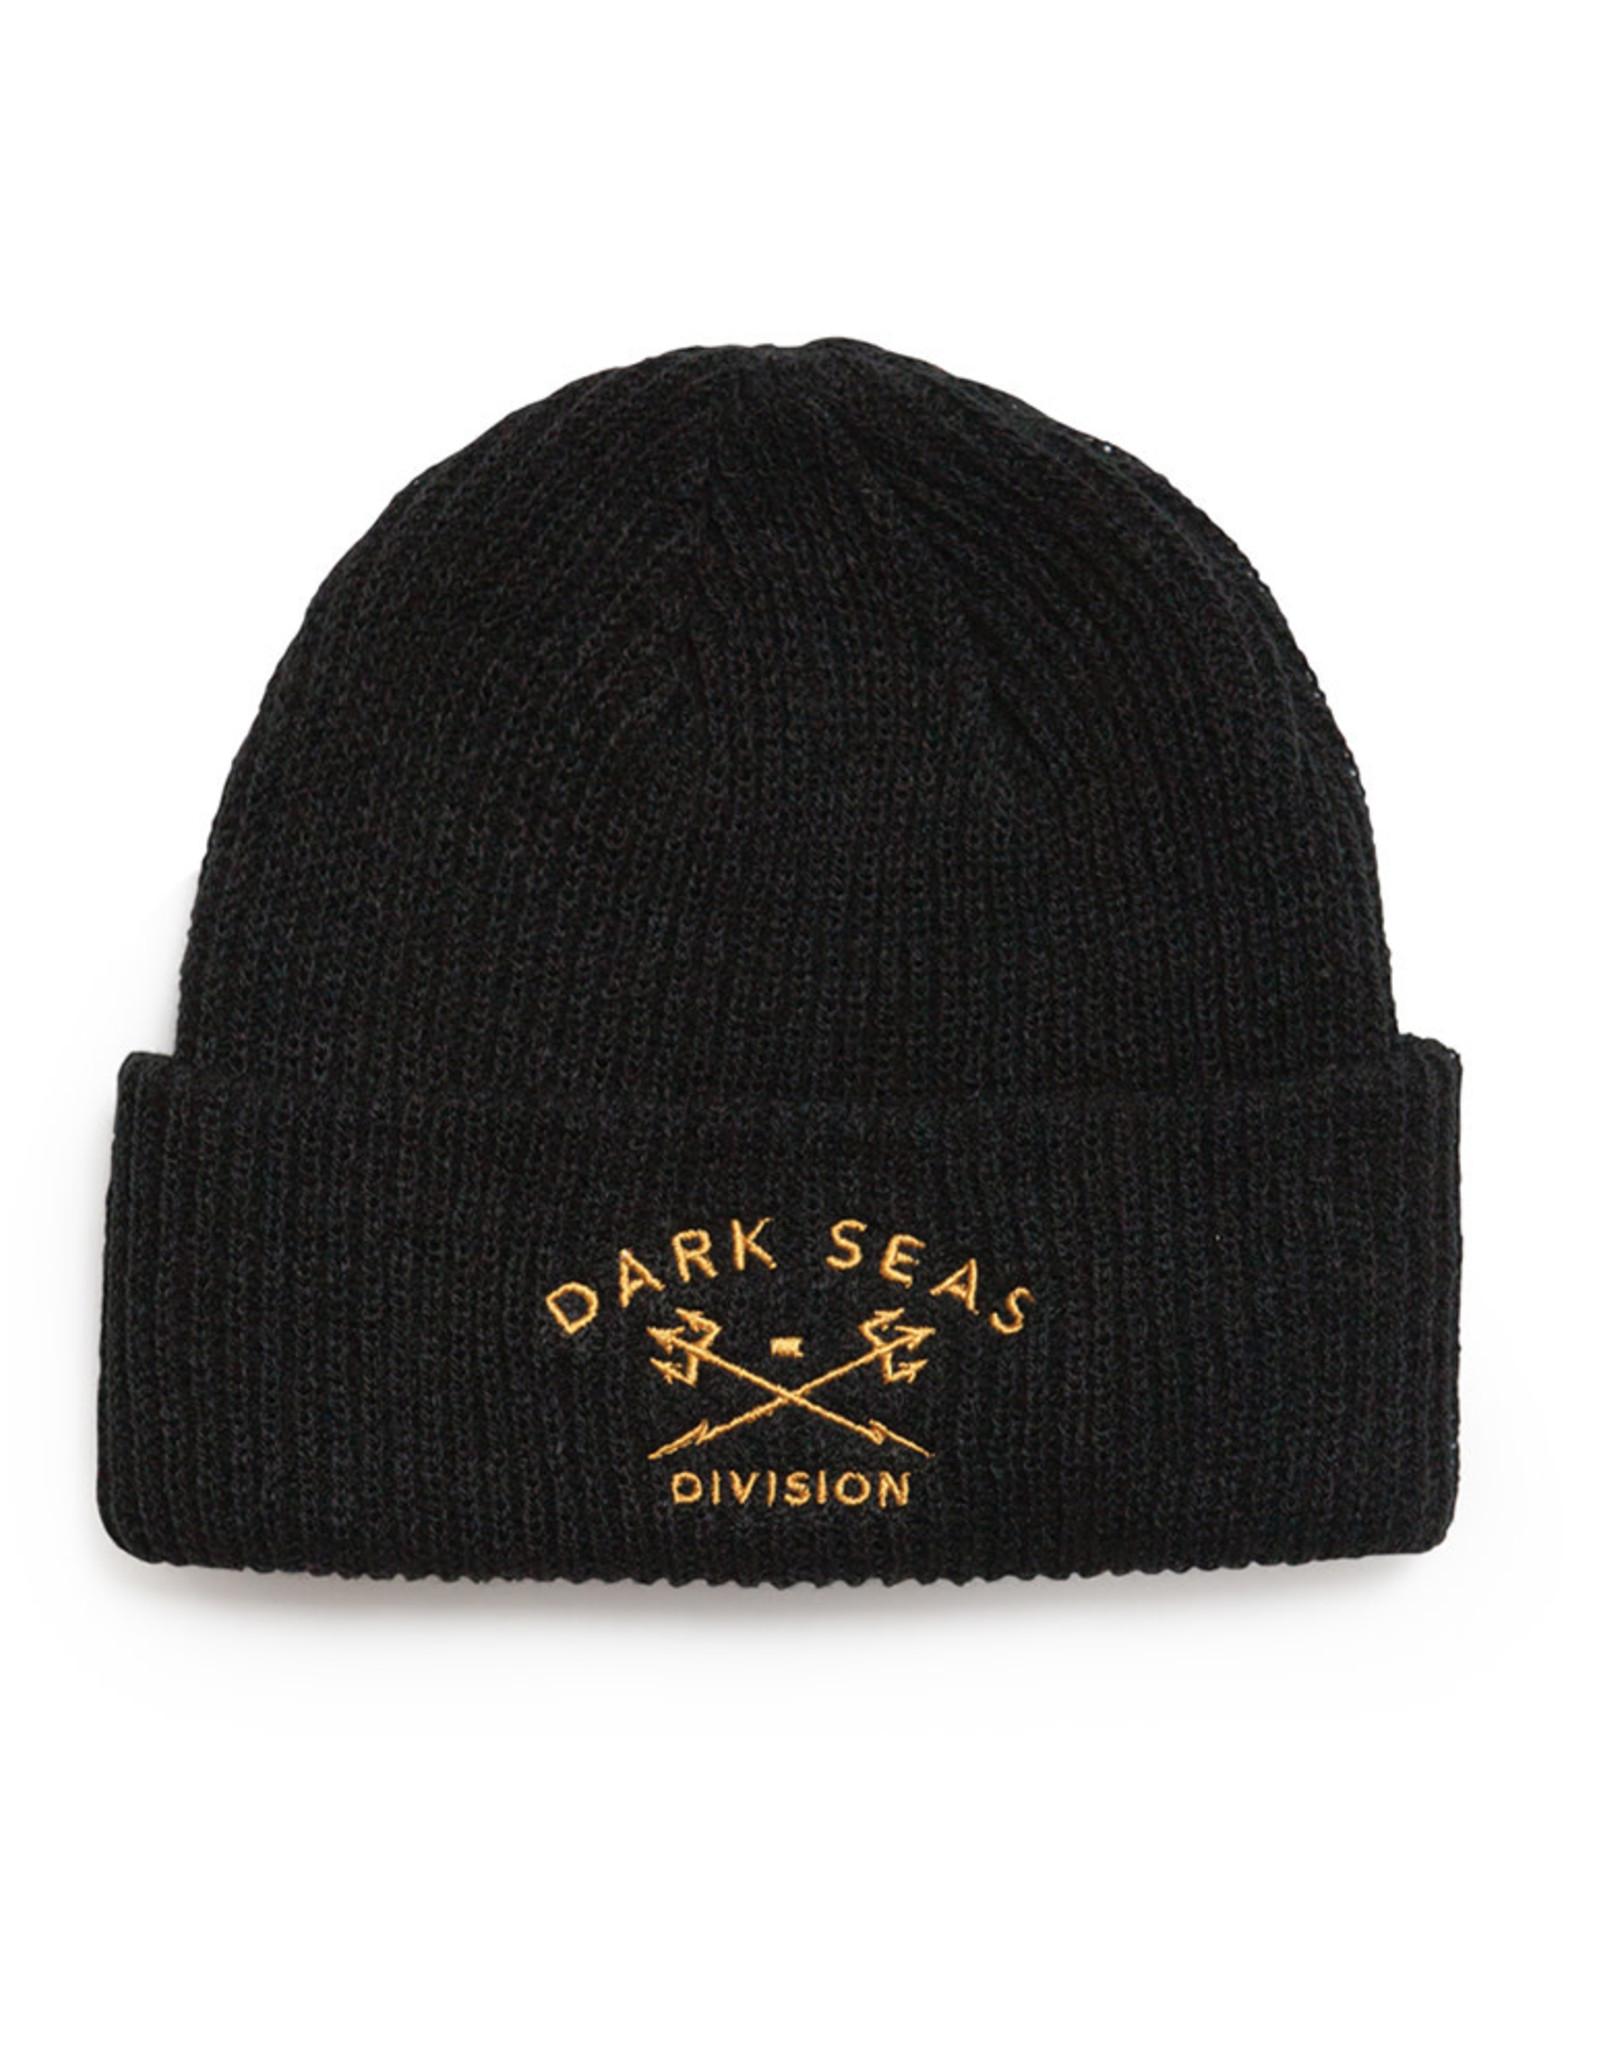 Dark Seas Cruiser Beanie Cruiser Beanie